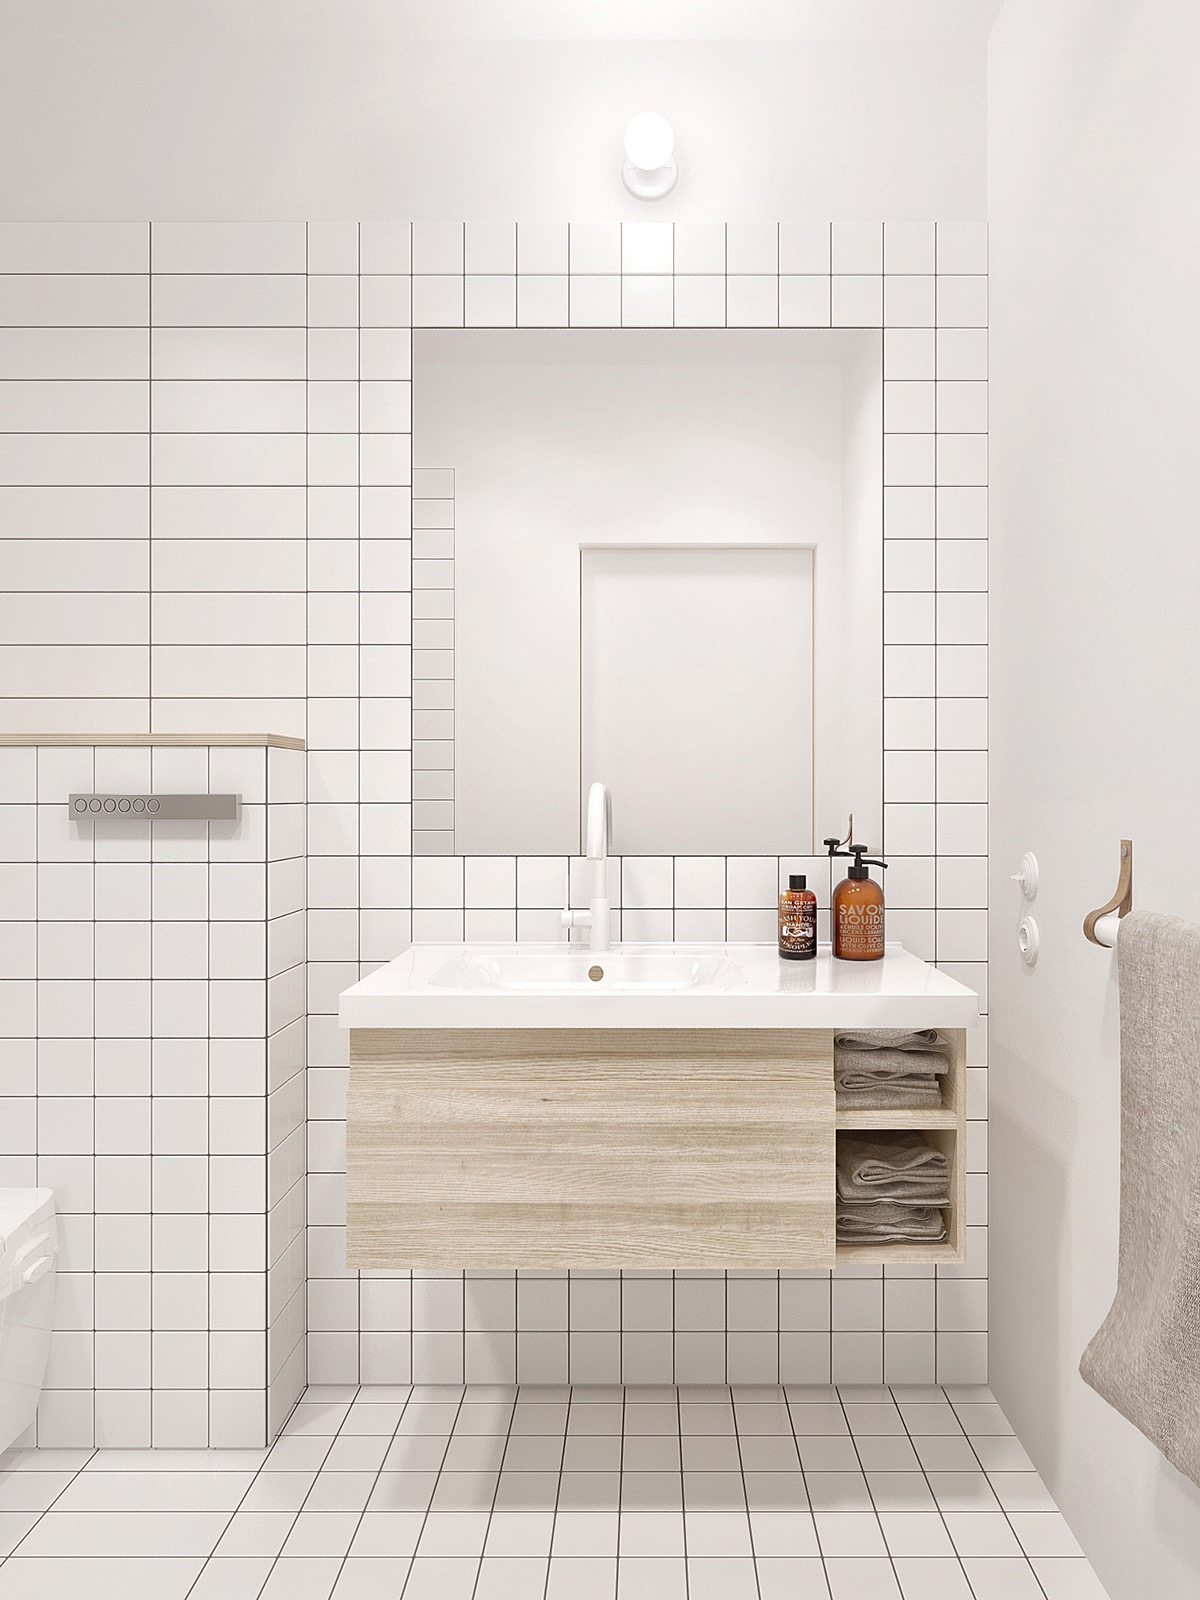 whitetilebathroom  Interior Design Ideas